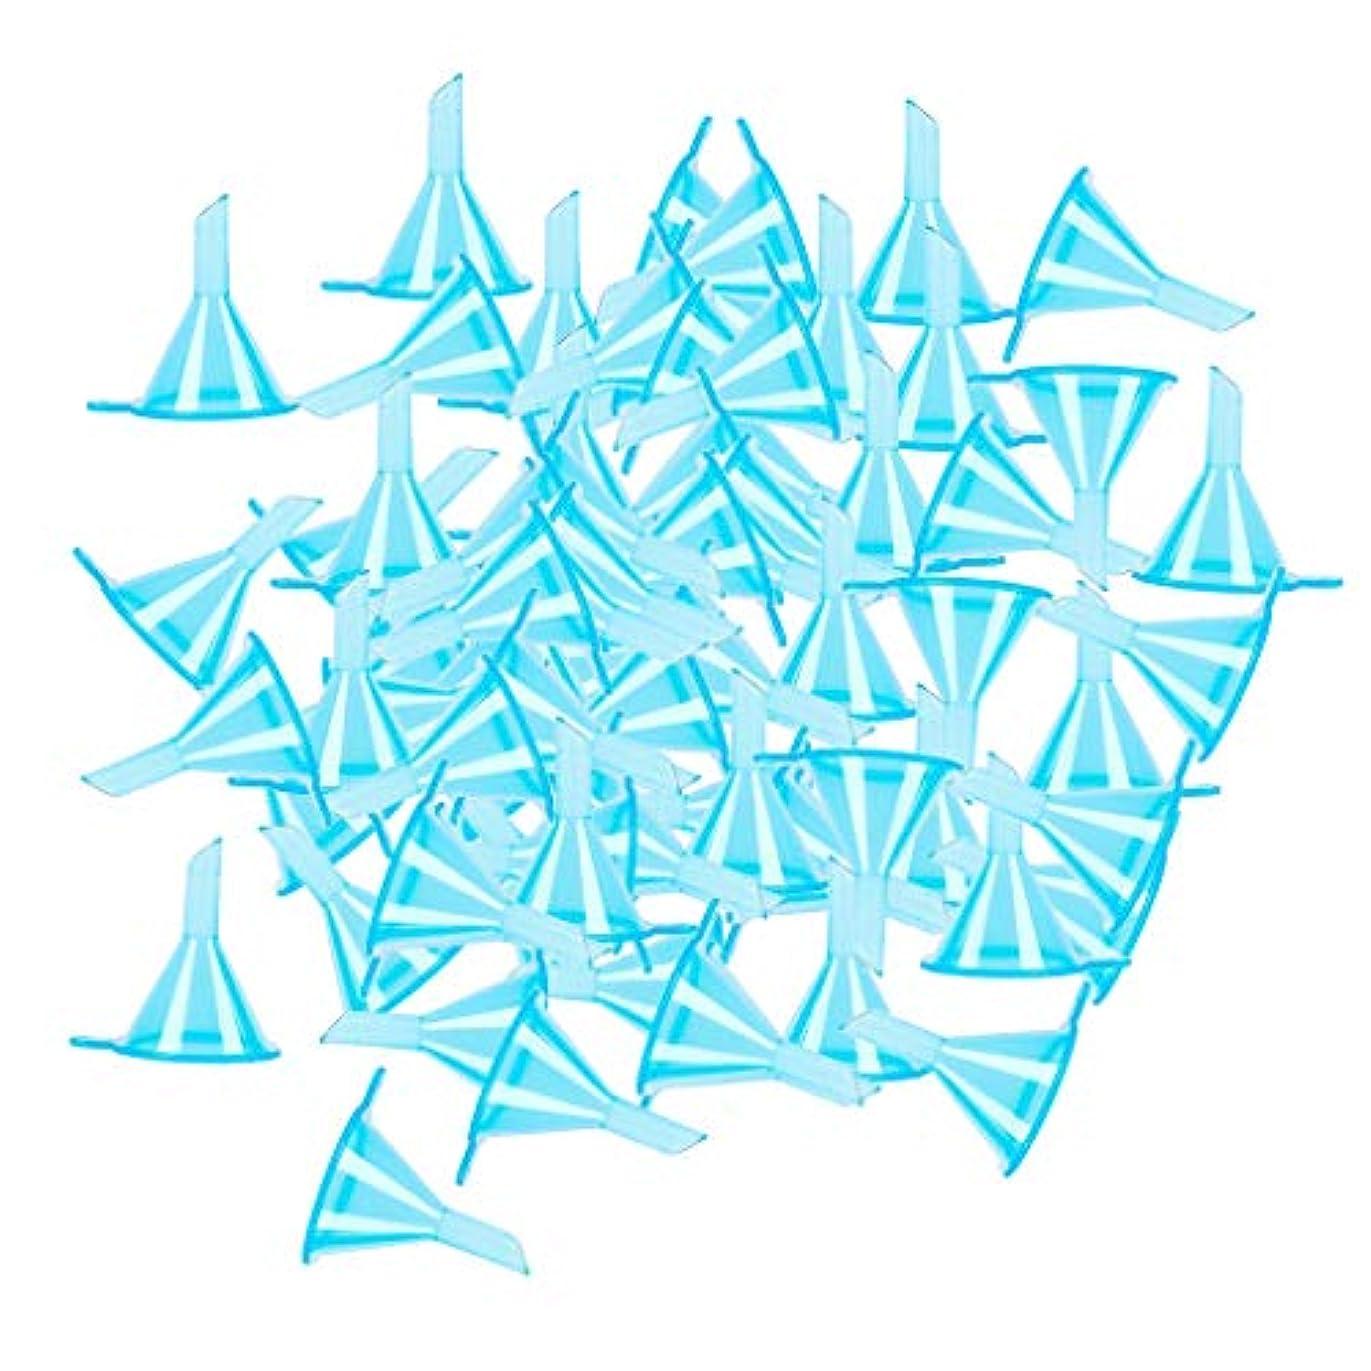 ファイル第二にネクタイ漏斗 ファンネル 香水 パウダー エッセンシャルオイル 液体のため 3色選択 - ブルー